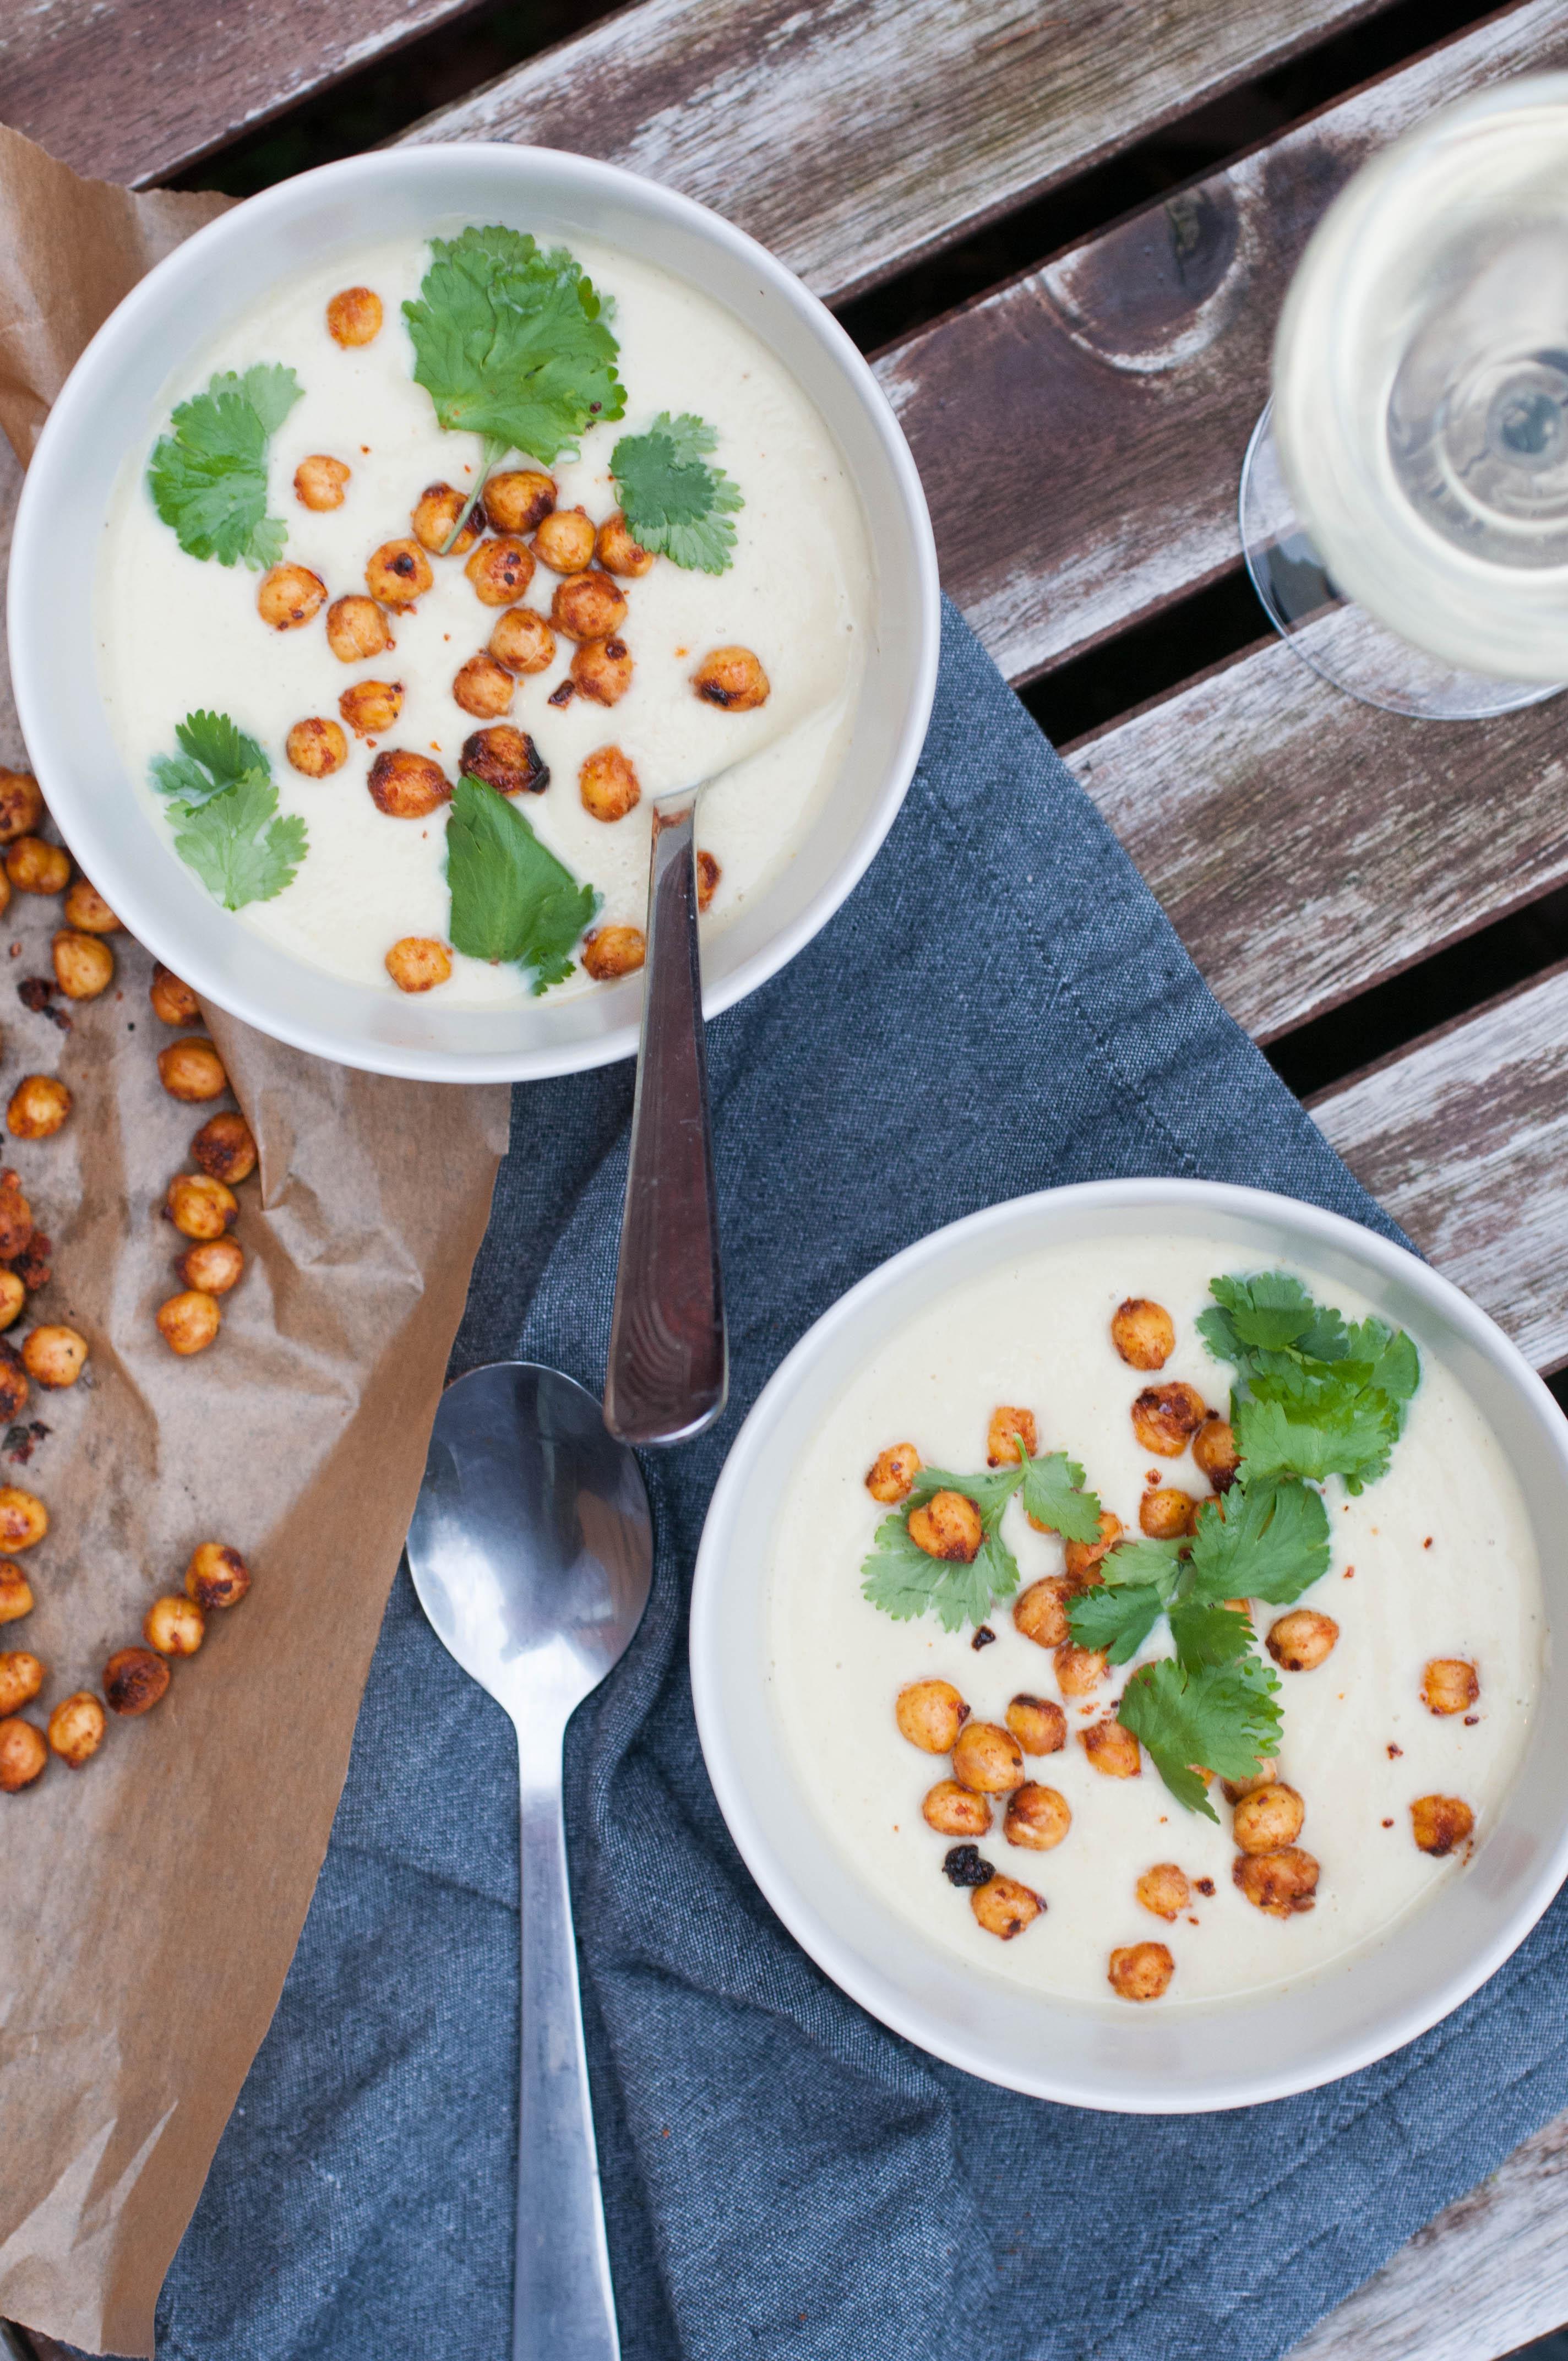 Blumenkohlsuppe mit geröstete Kichererbsen